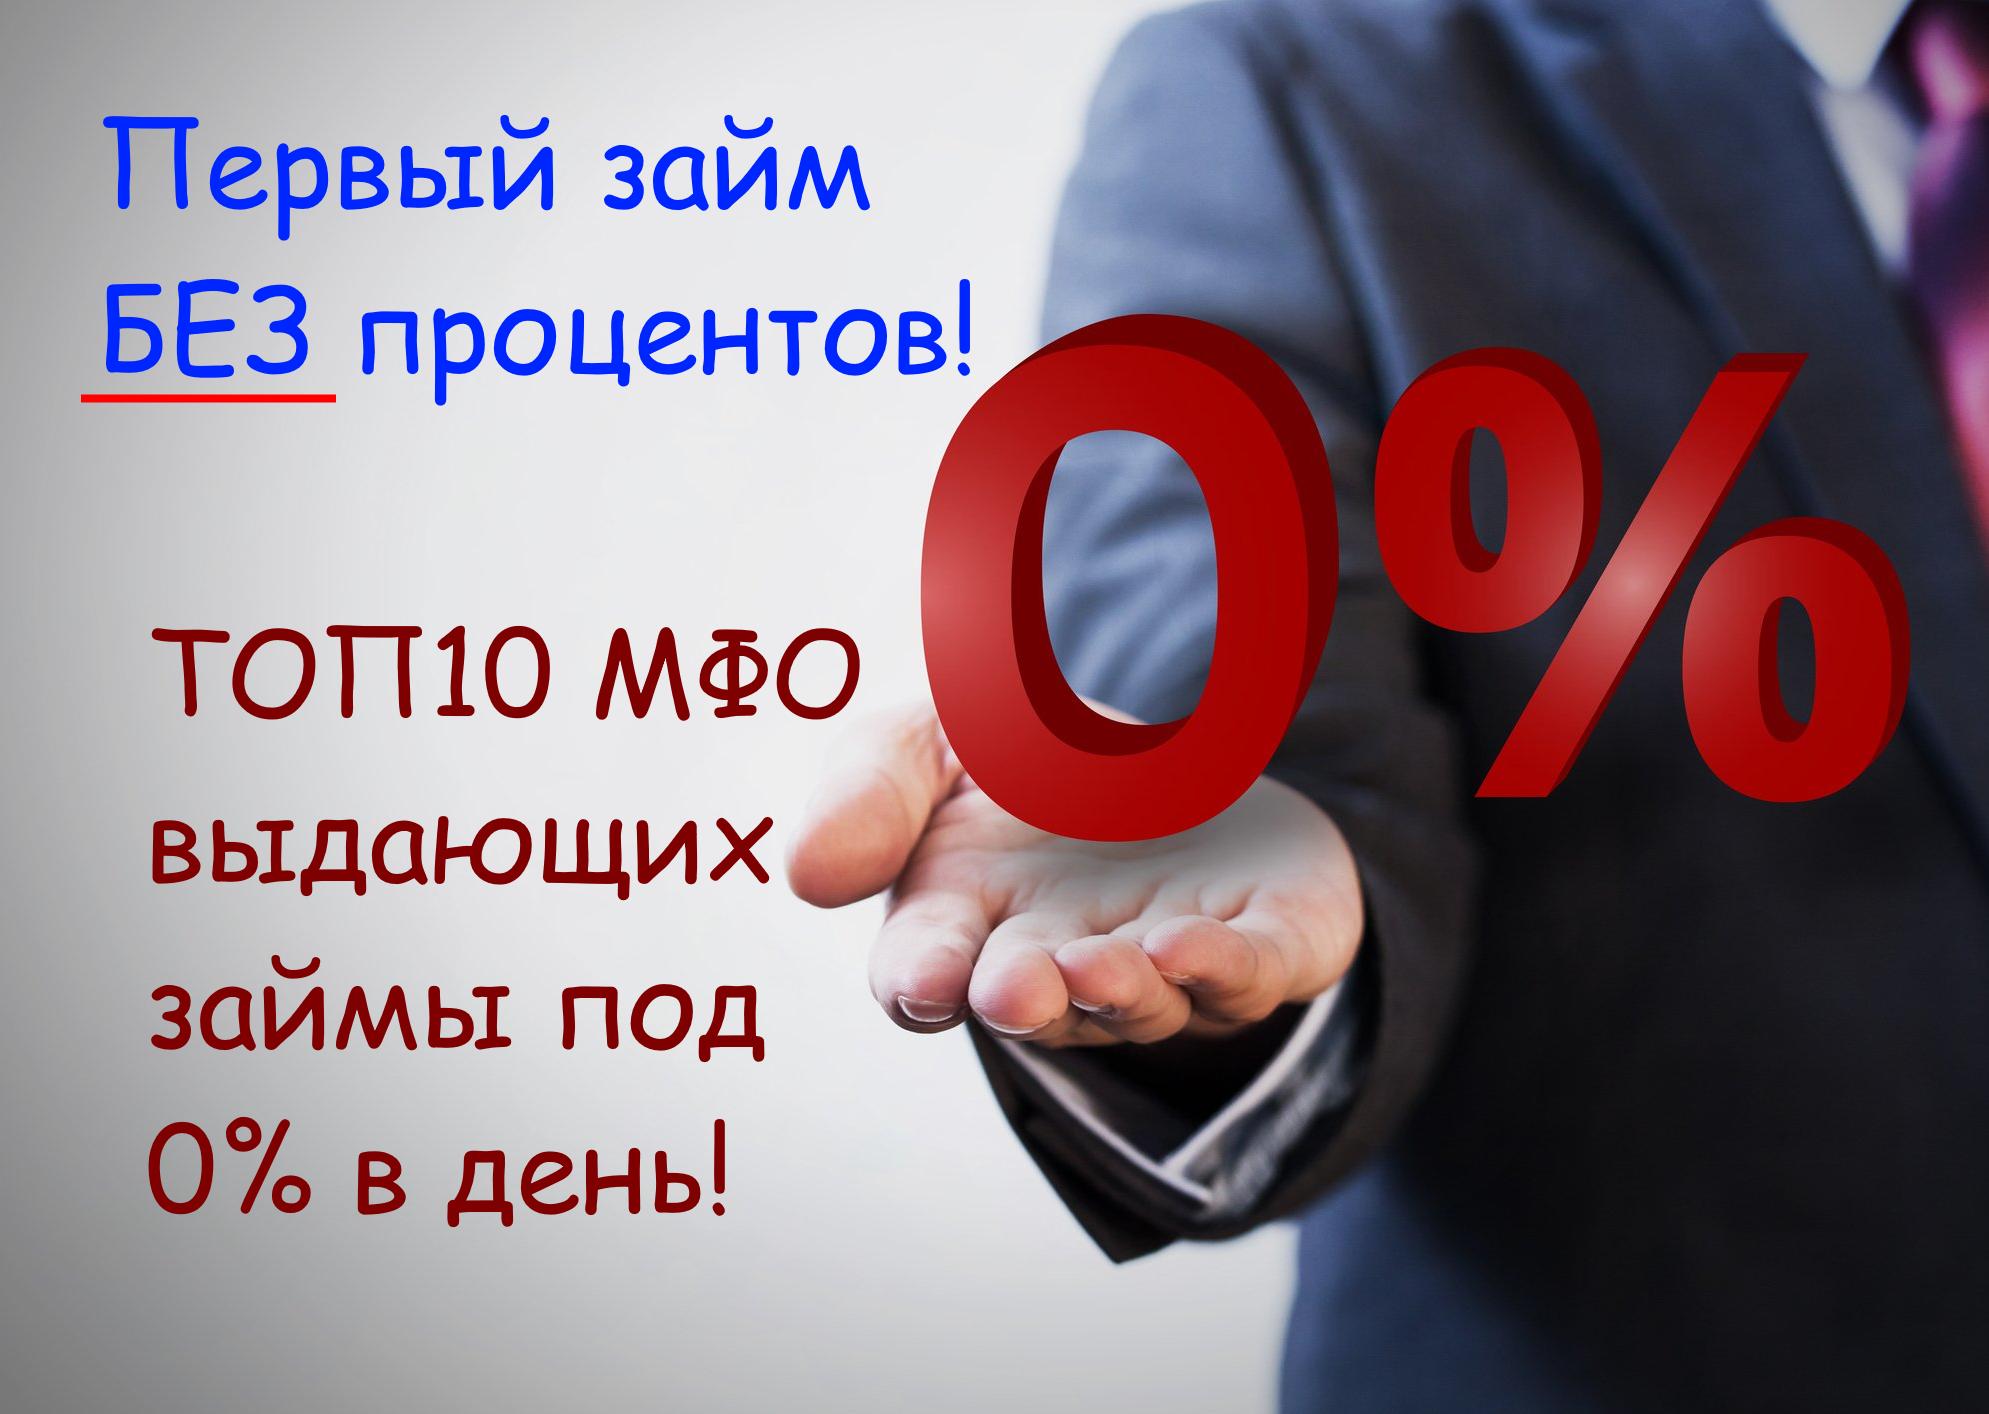 Займ без отказа под 0 процентов мфо займы онлайн на карту